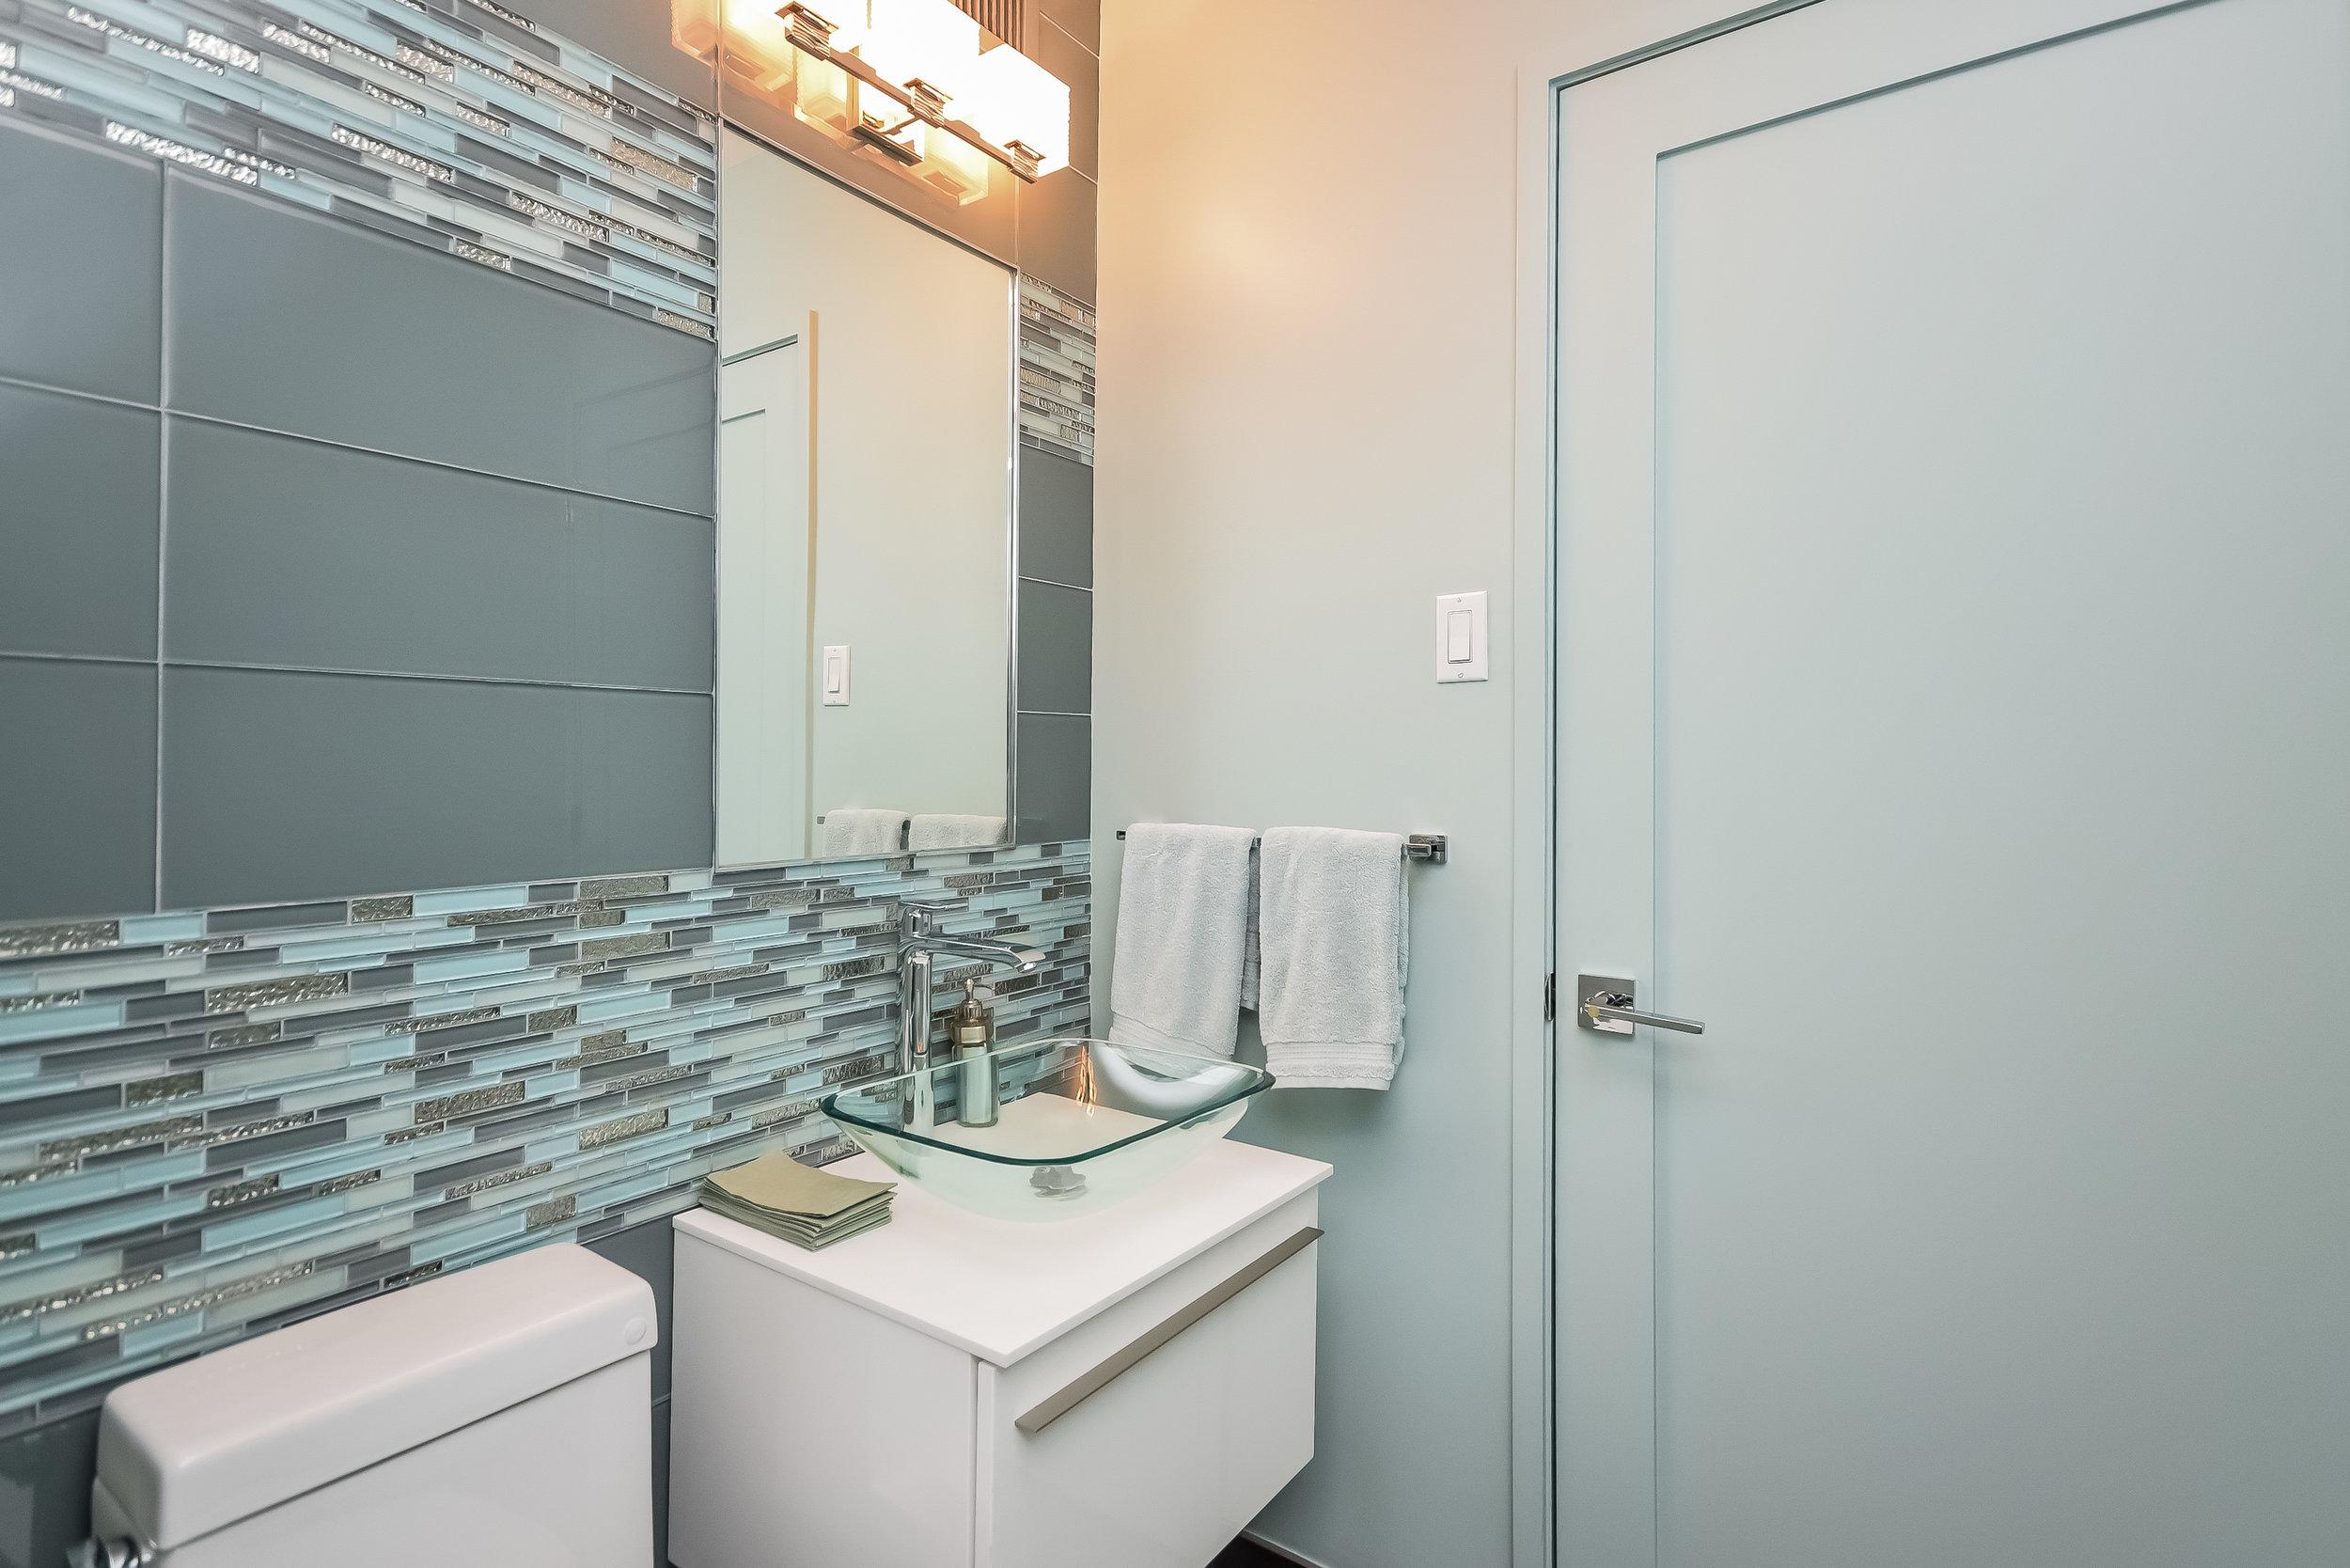 UES Bathroom 2 - Copy.jpg